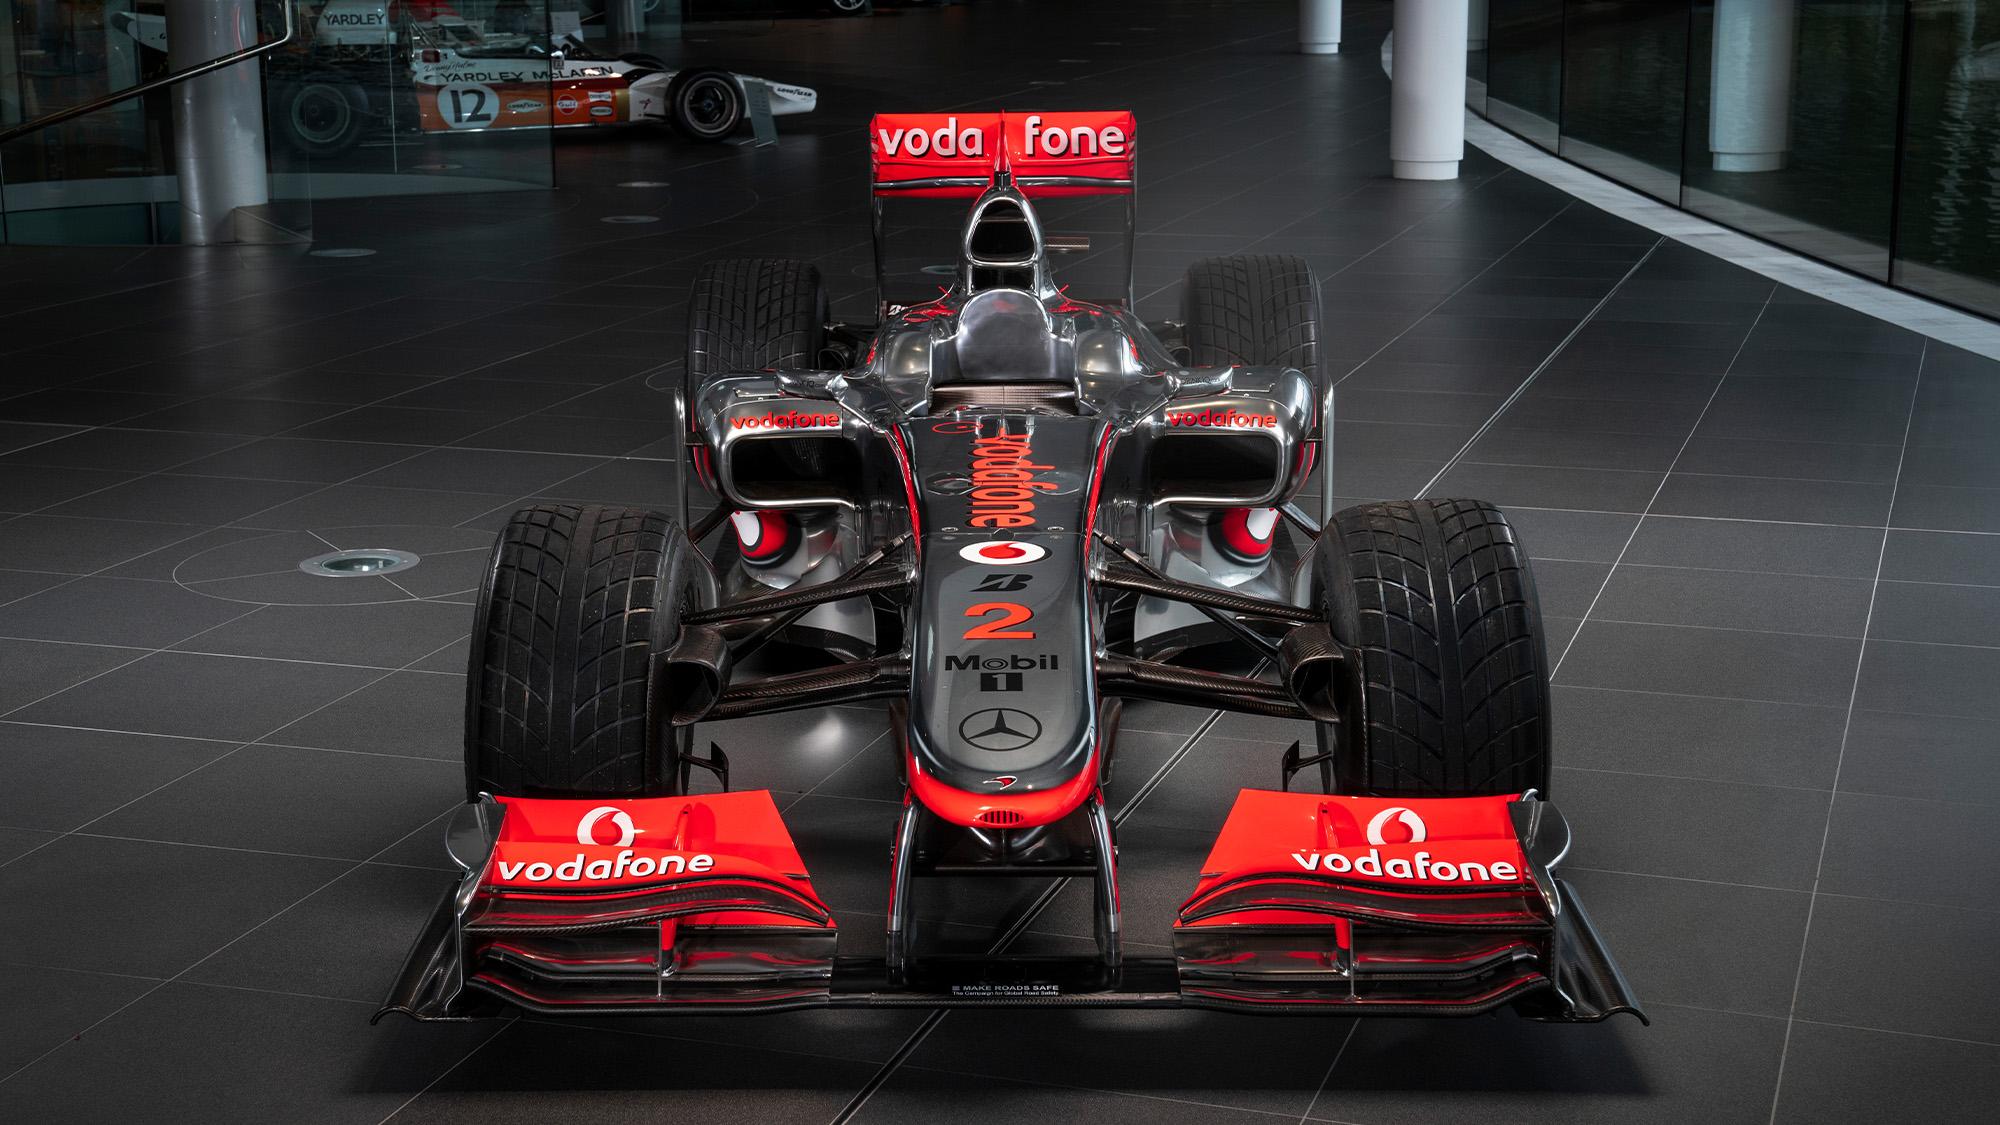 Lewis Hamilton McLaren MP4-25 for auction front view